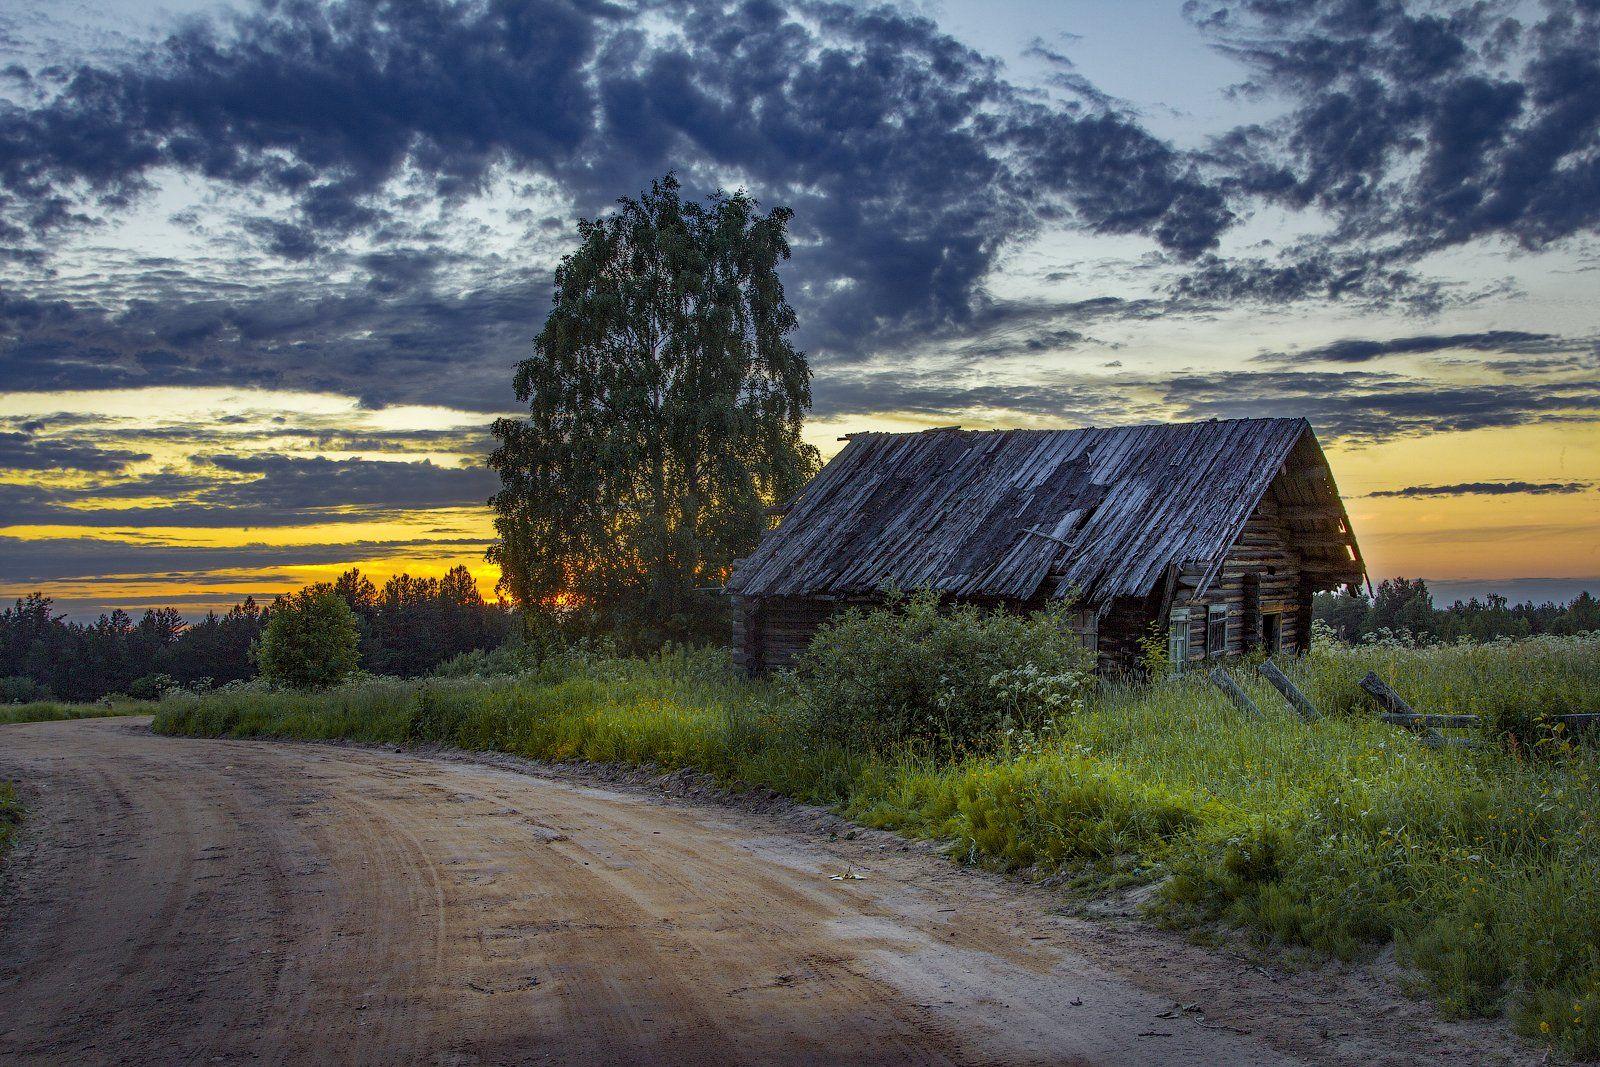 архангельская обасть, белая ночь, кенозерский национальный парк, русский север, заброшенные деревни, Карпов Михаил